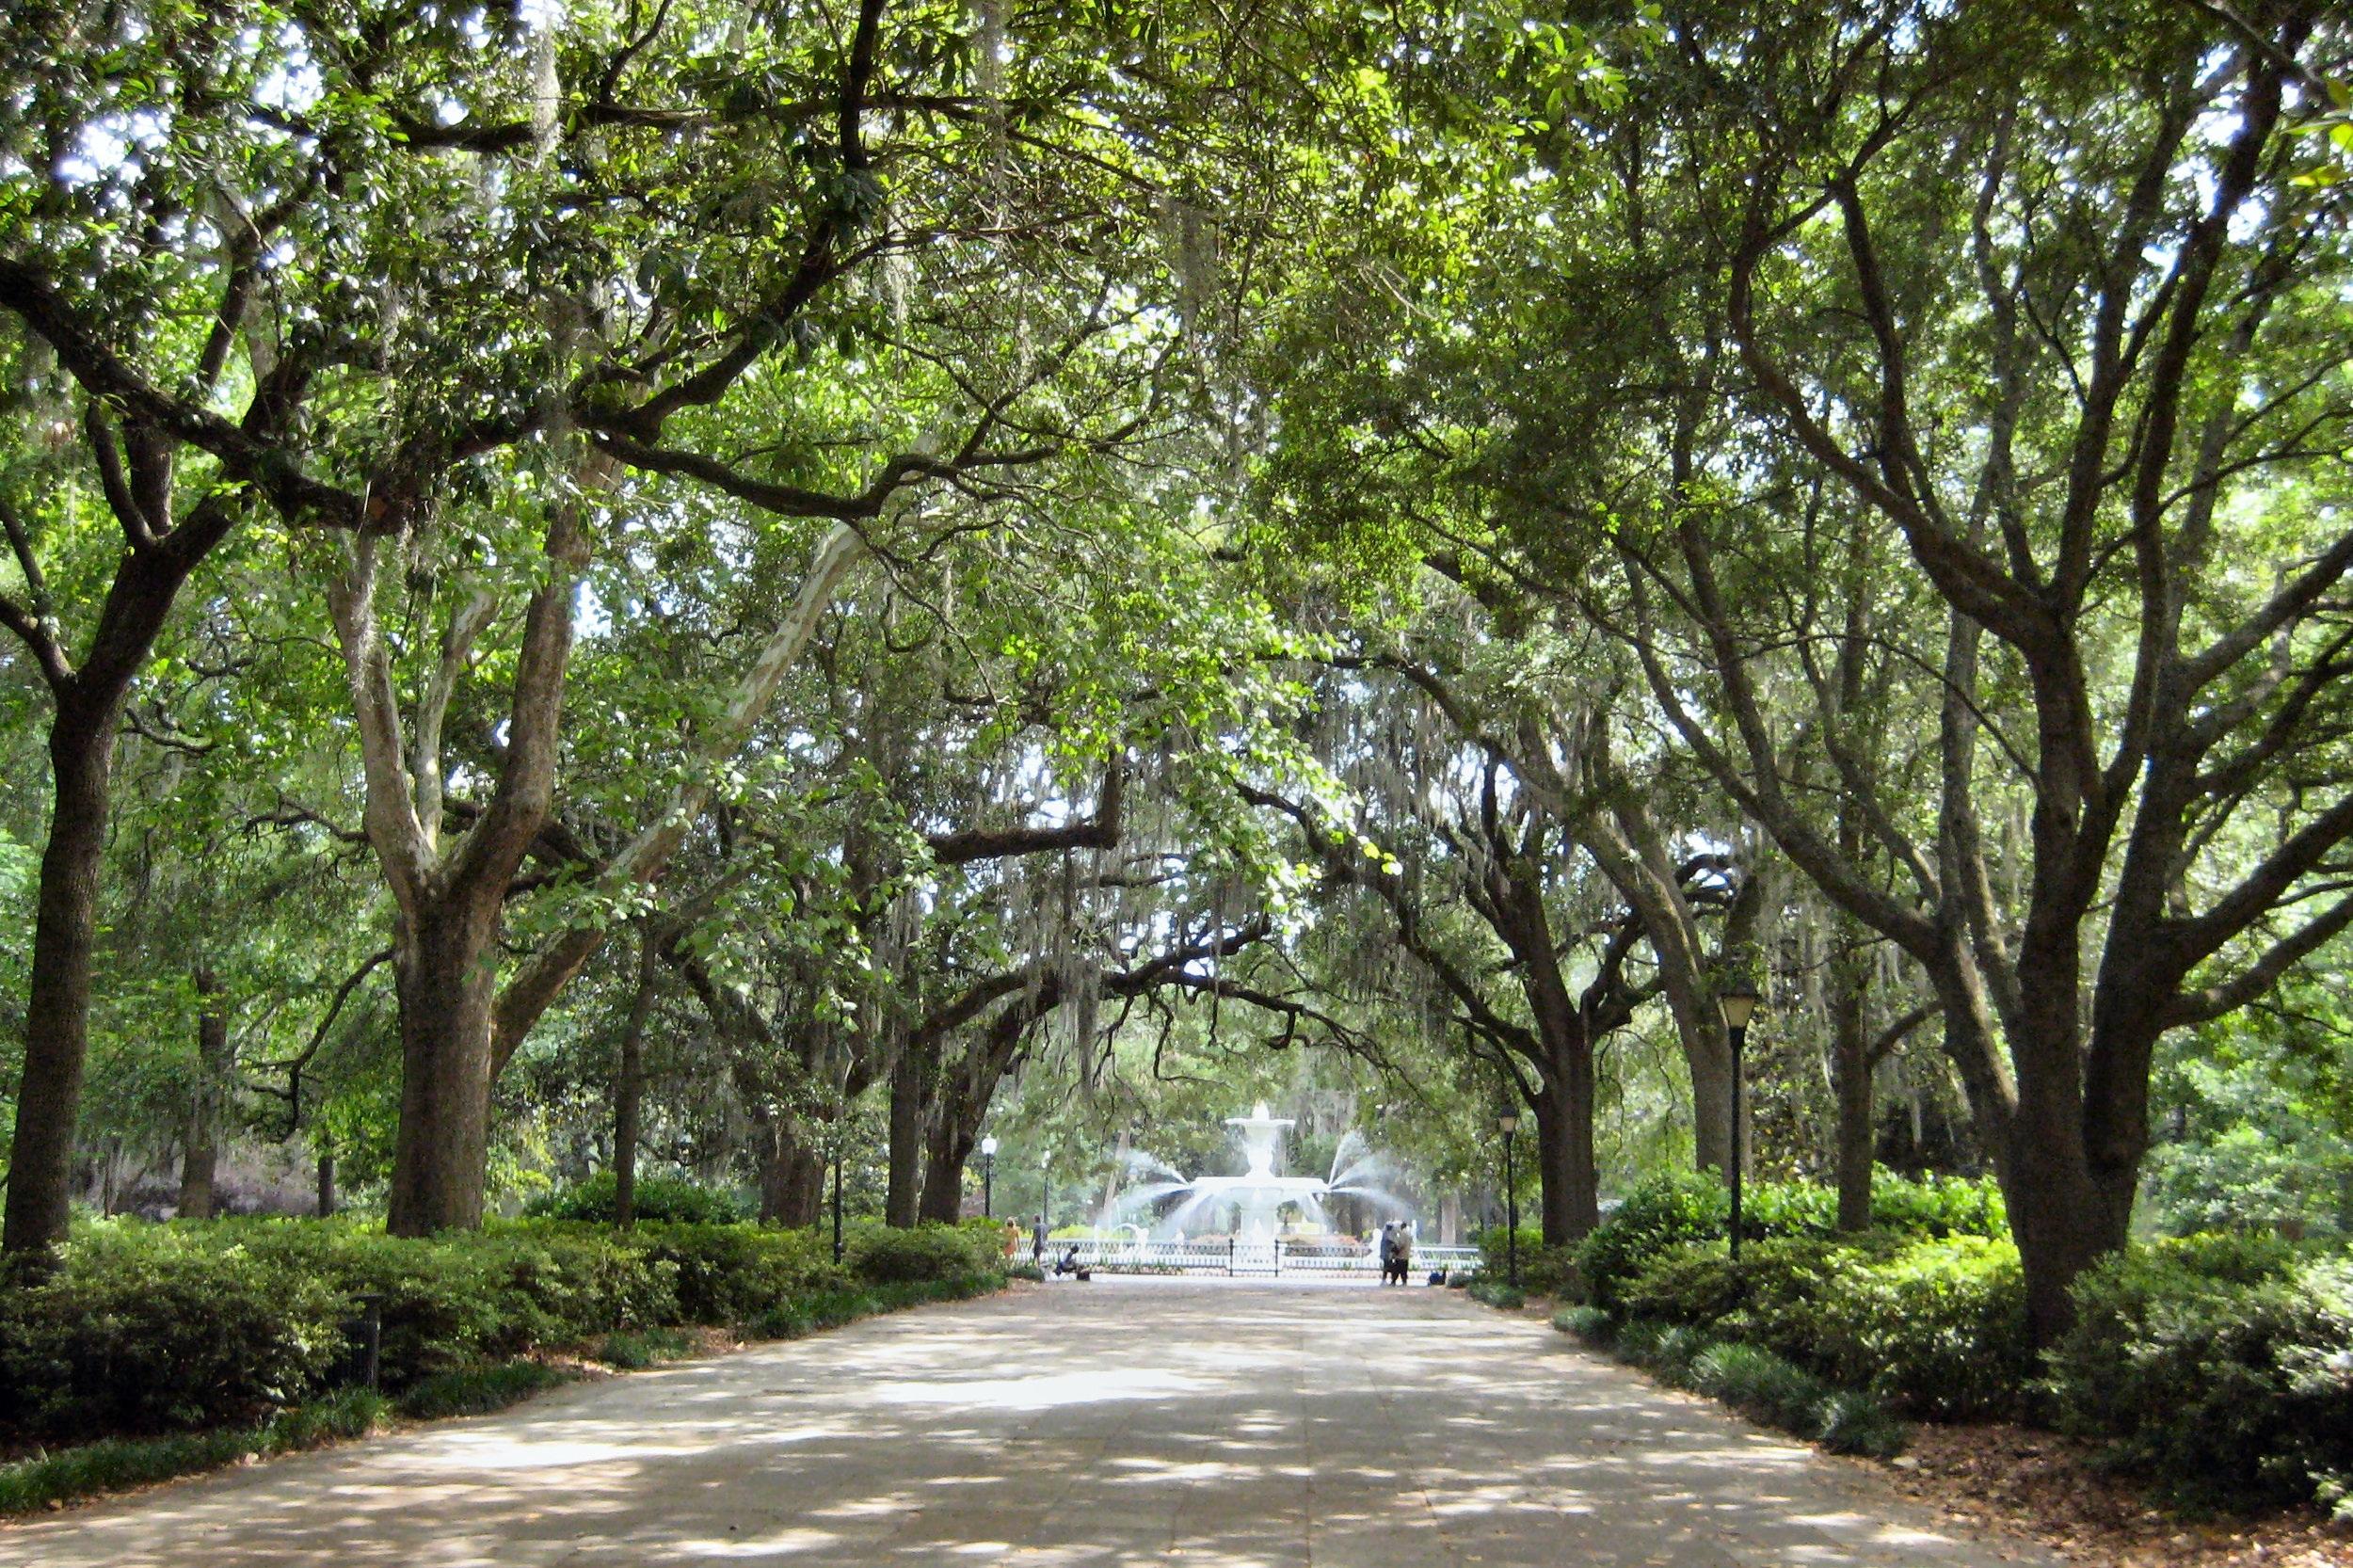 Photo: Forsyth Park - Savannah, Georgia